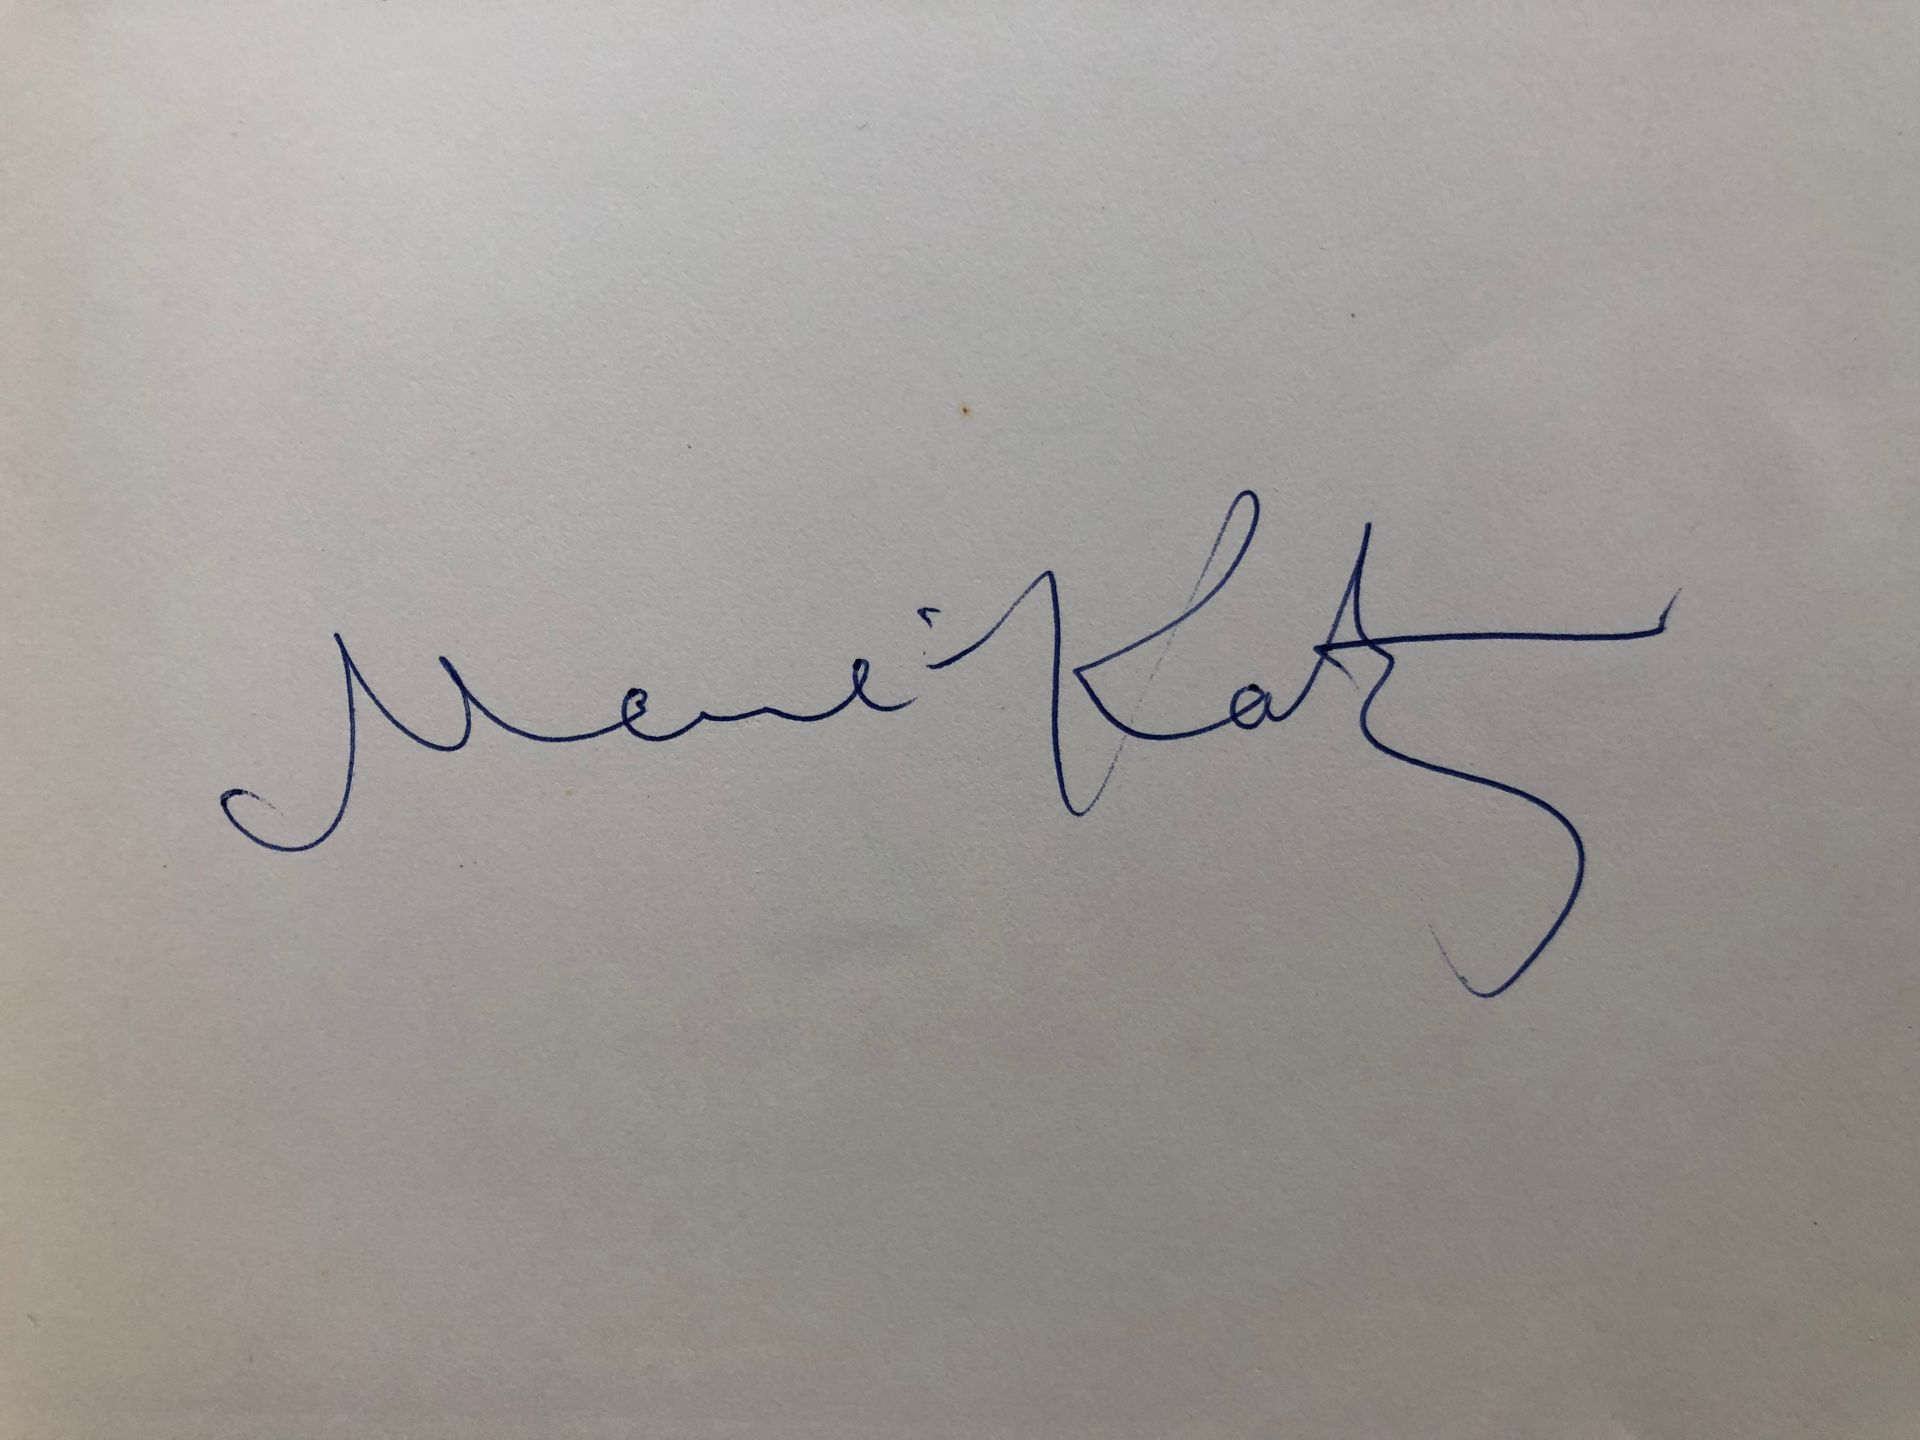 Emmanuel MANÉ-KATZ signature